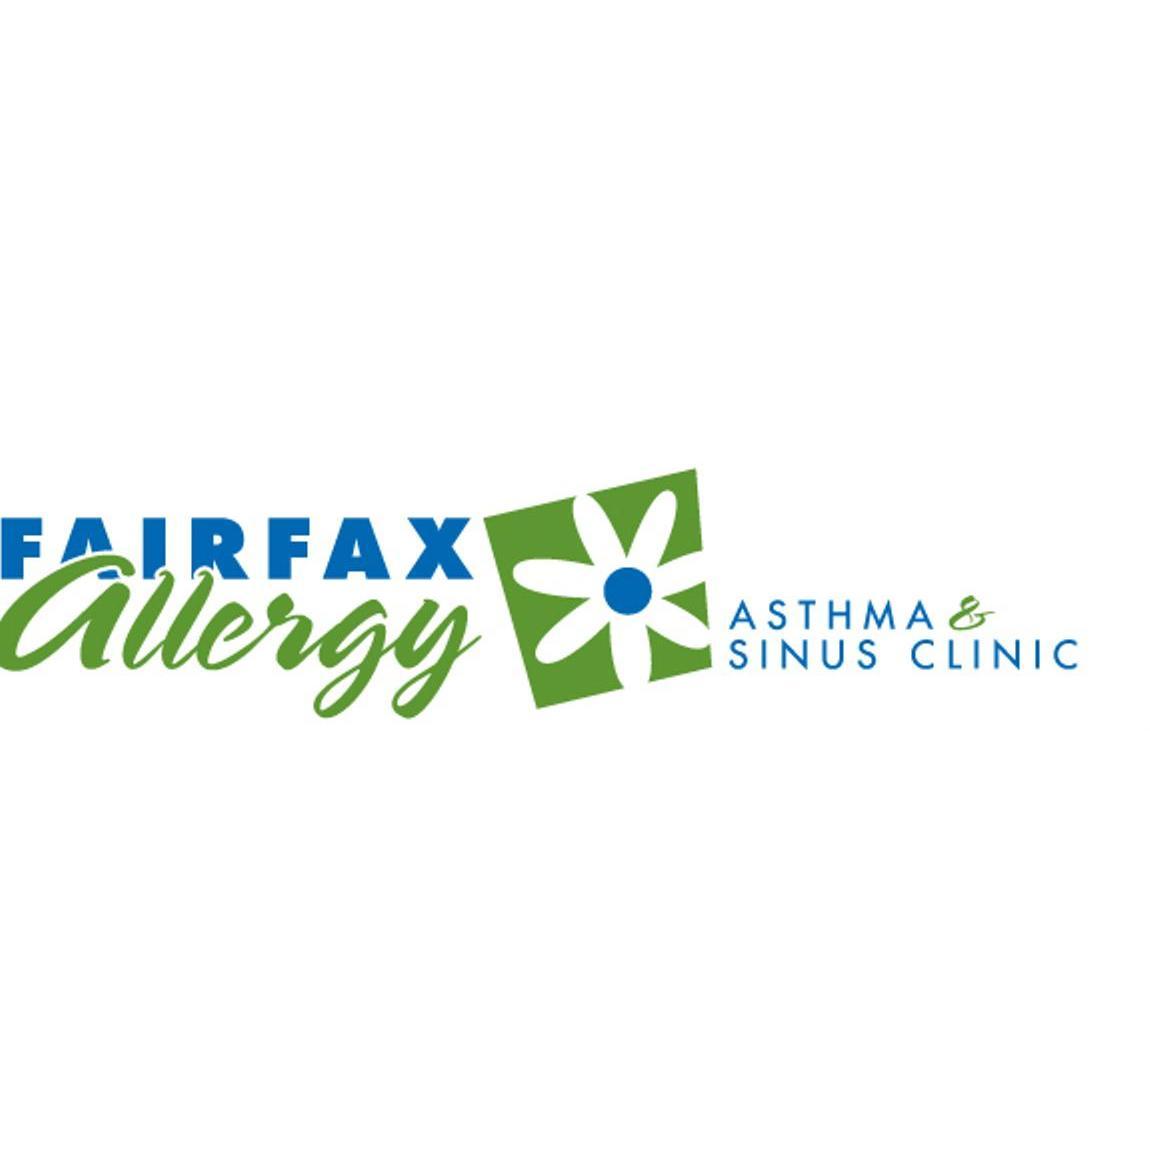 Fairfax Allergy Asthma & Sinus Clinic - Fairfax, VA - Allergy & Immunology